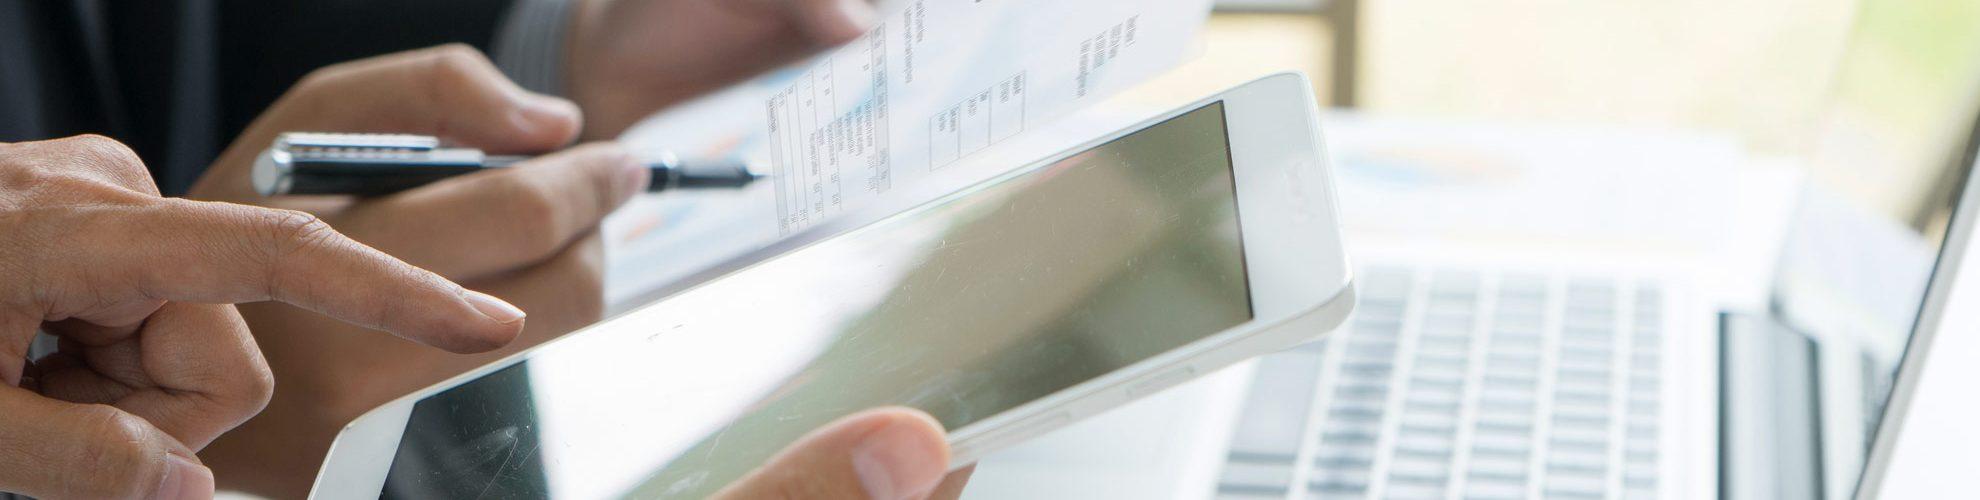 Software di fatturazione elettronica, l'occasione per digitalizzare lo studio commercialista